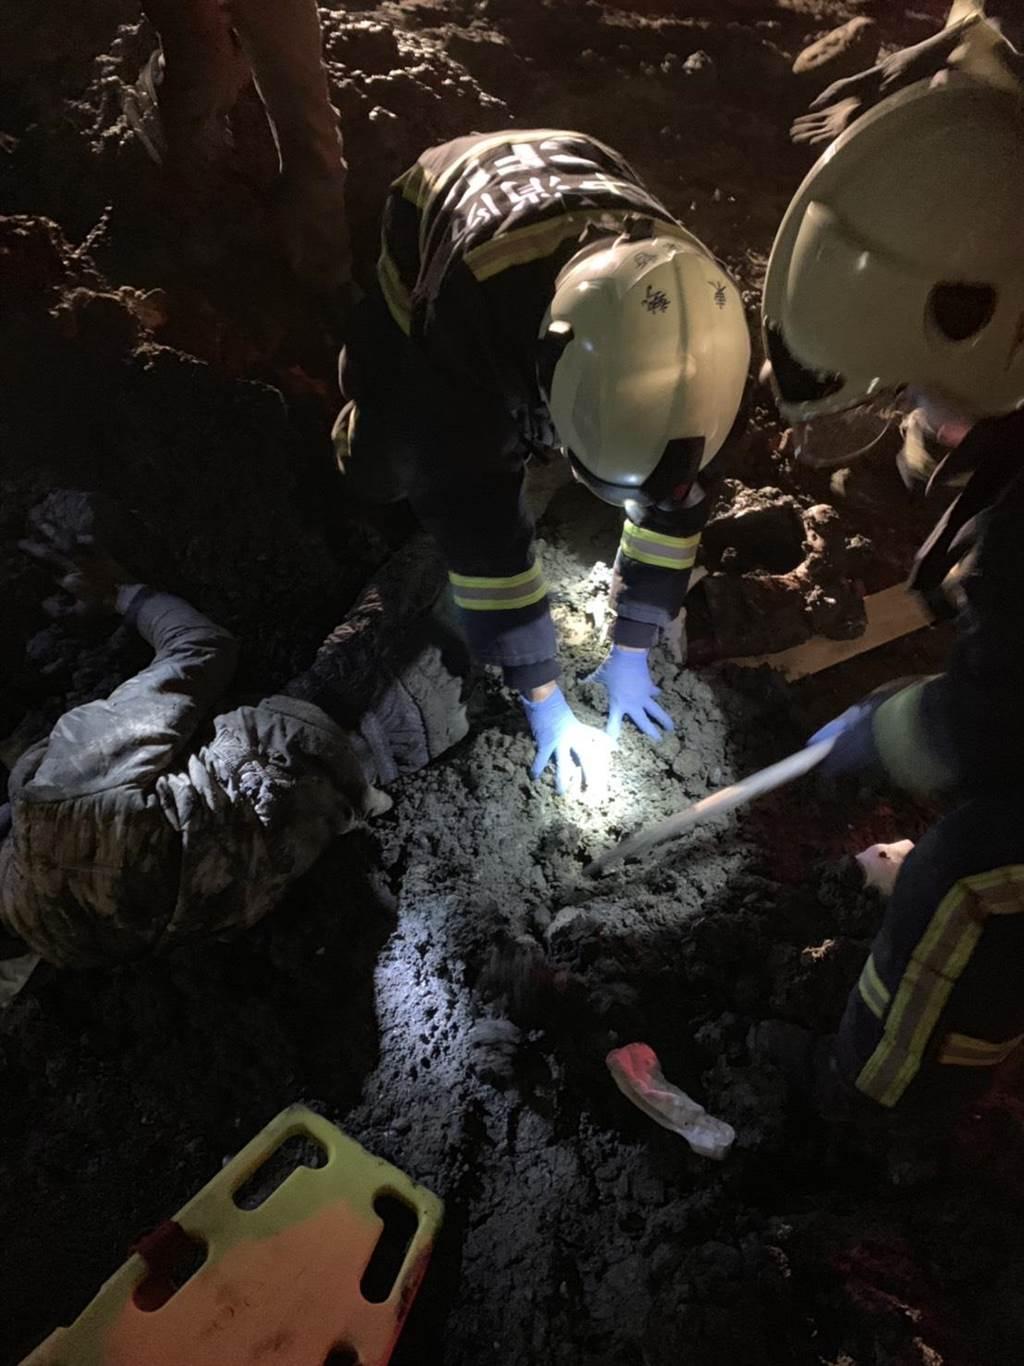 李男半夜闖入工地撿拾廢鐵,遭怪手鏟斗壓傷雙腿,下半身困在土堆爛泥中,消防員獲報到場搶救。(台中市消防局提供/王文吉台中傳真)